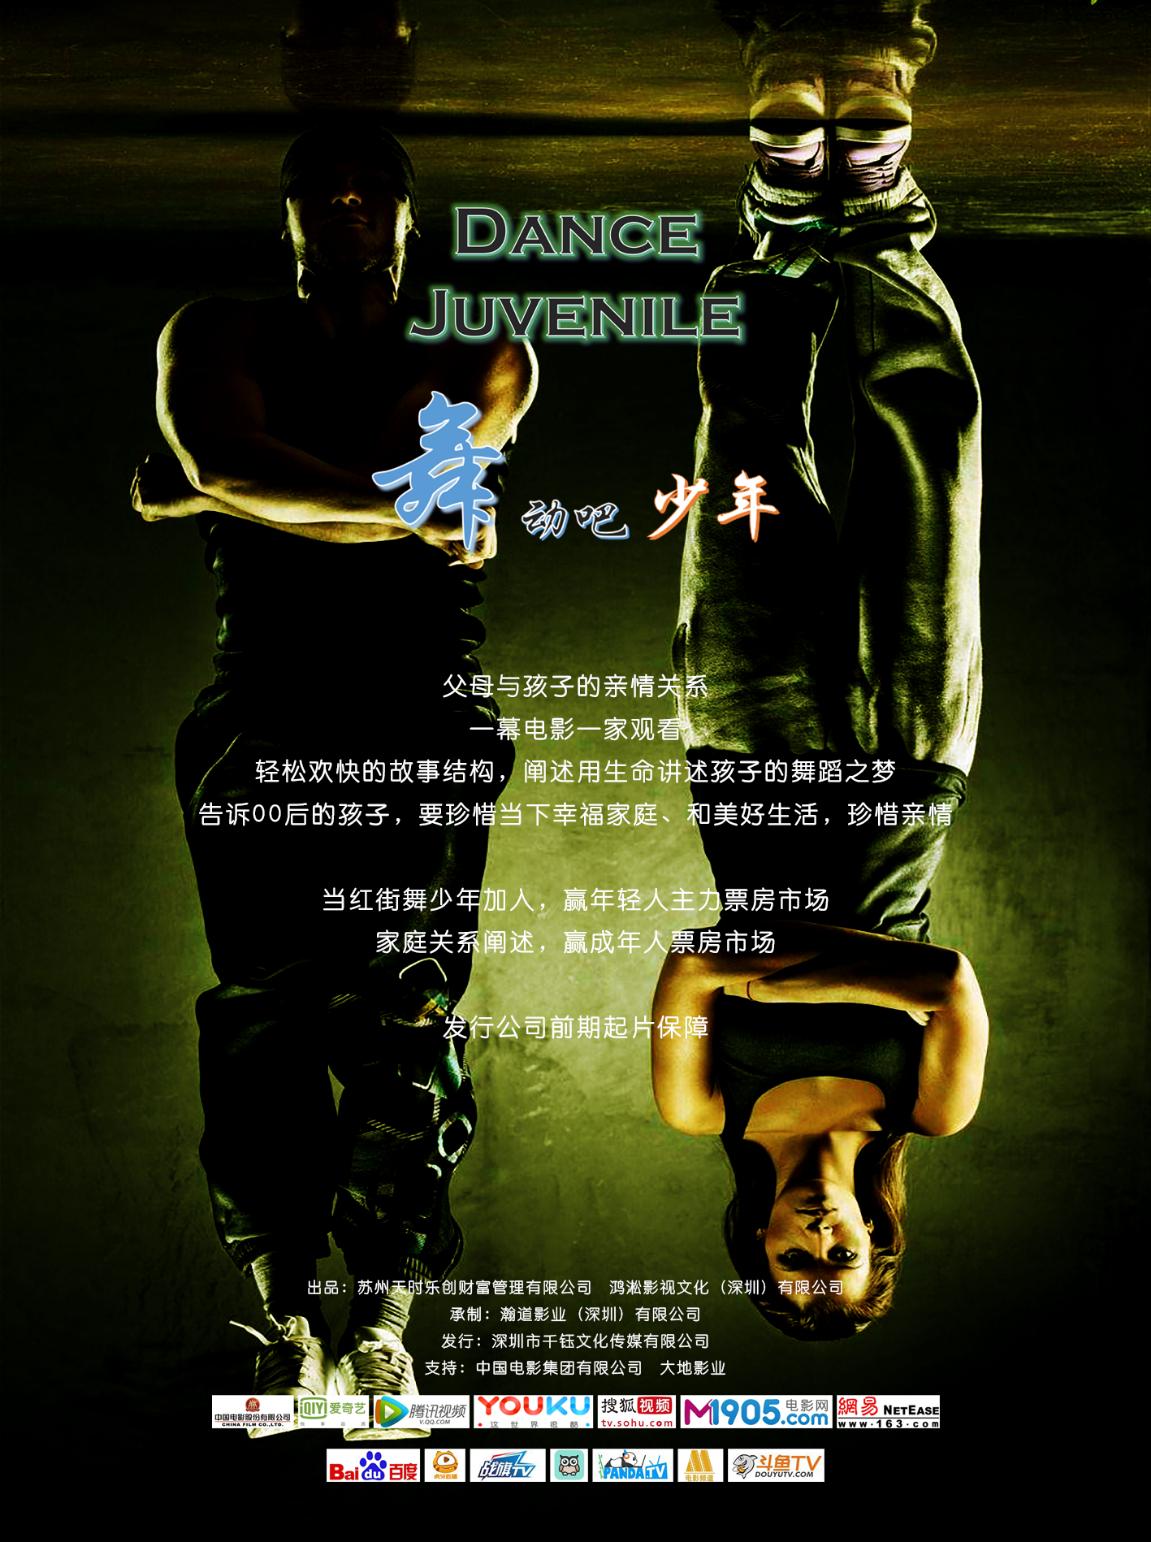 街舞勵志院線電影《舞動吧!少年》即將開機,青少年街舞題材引關註